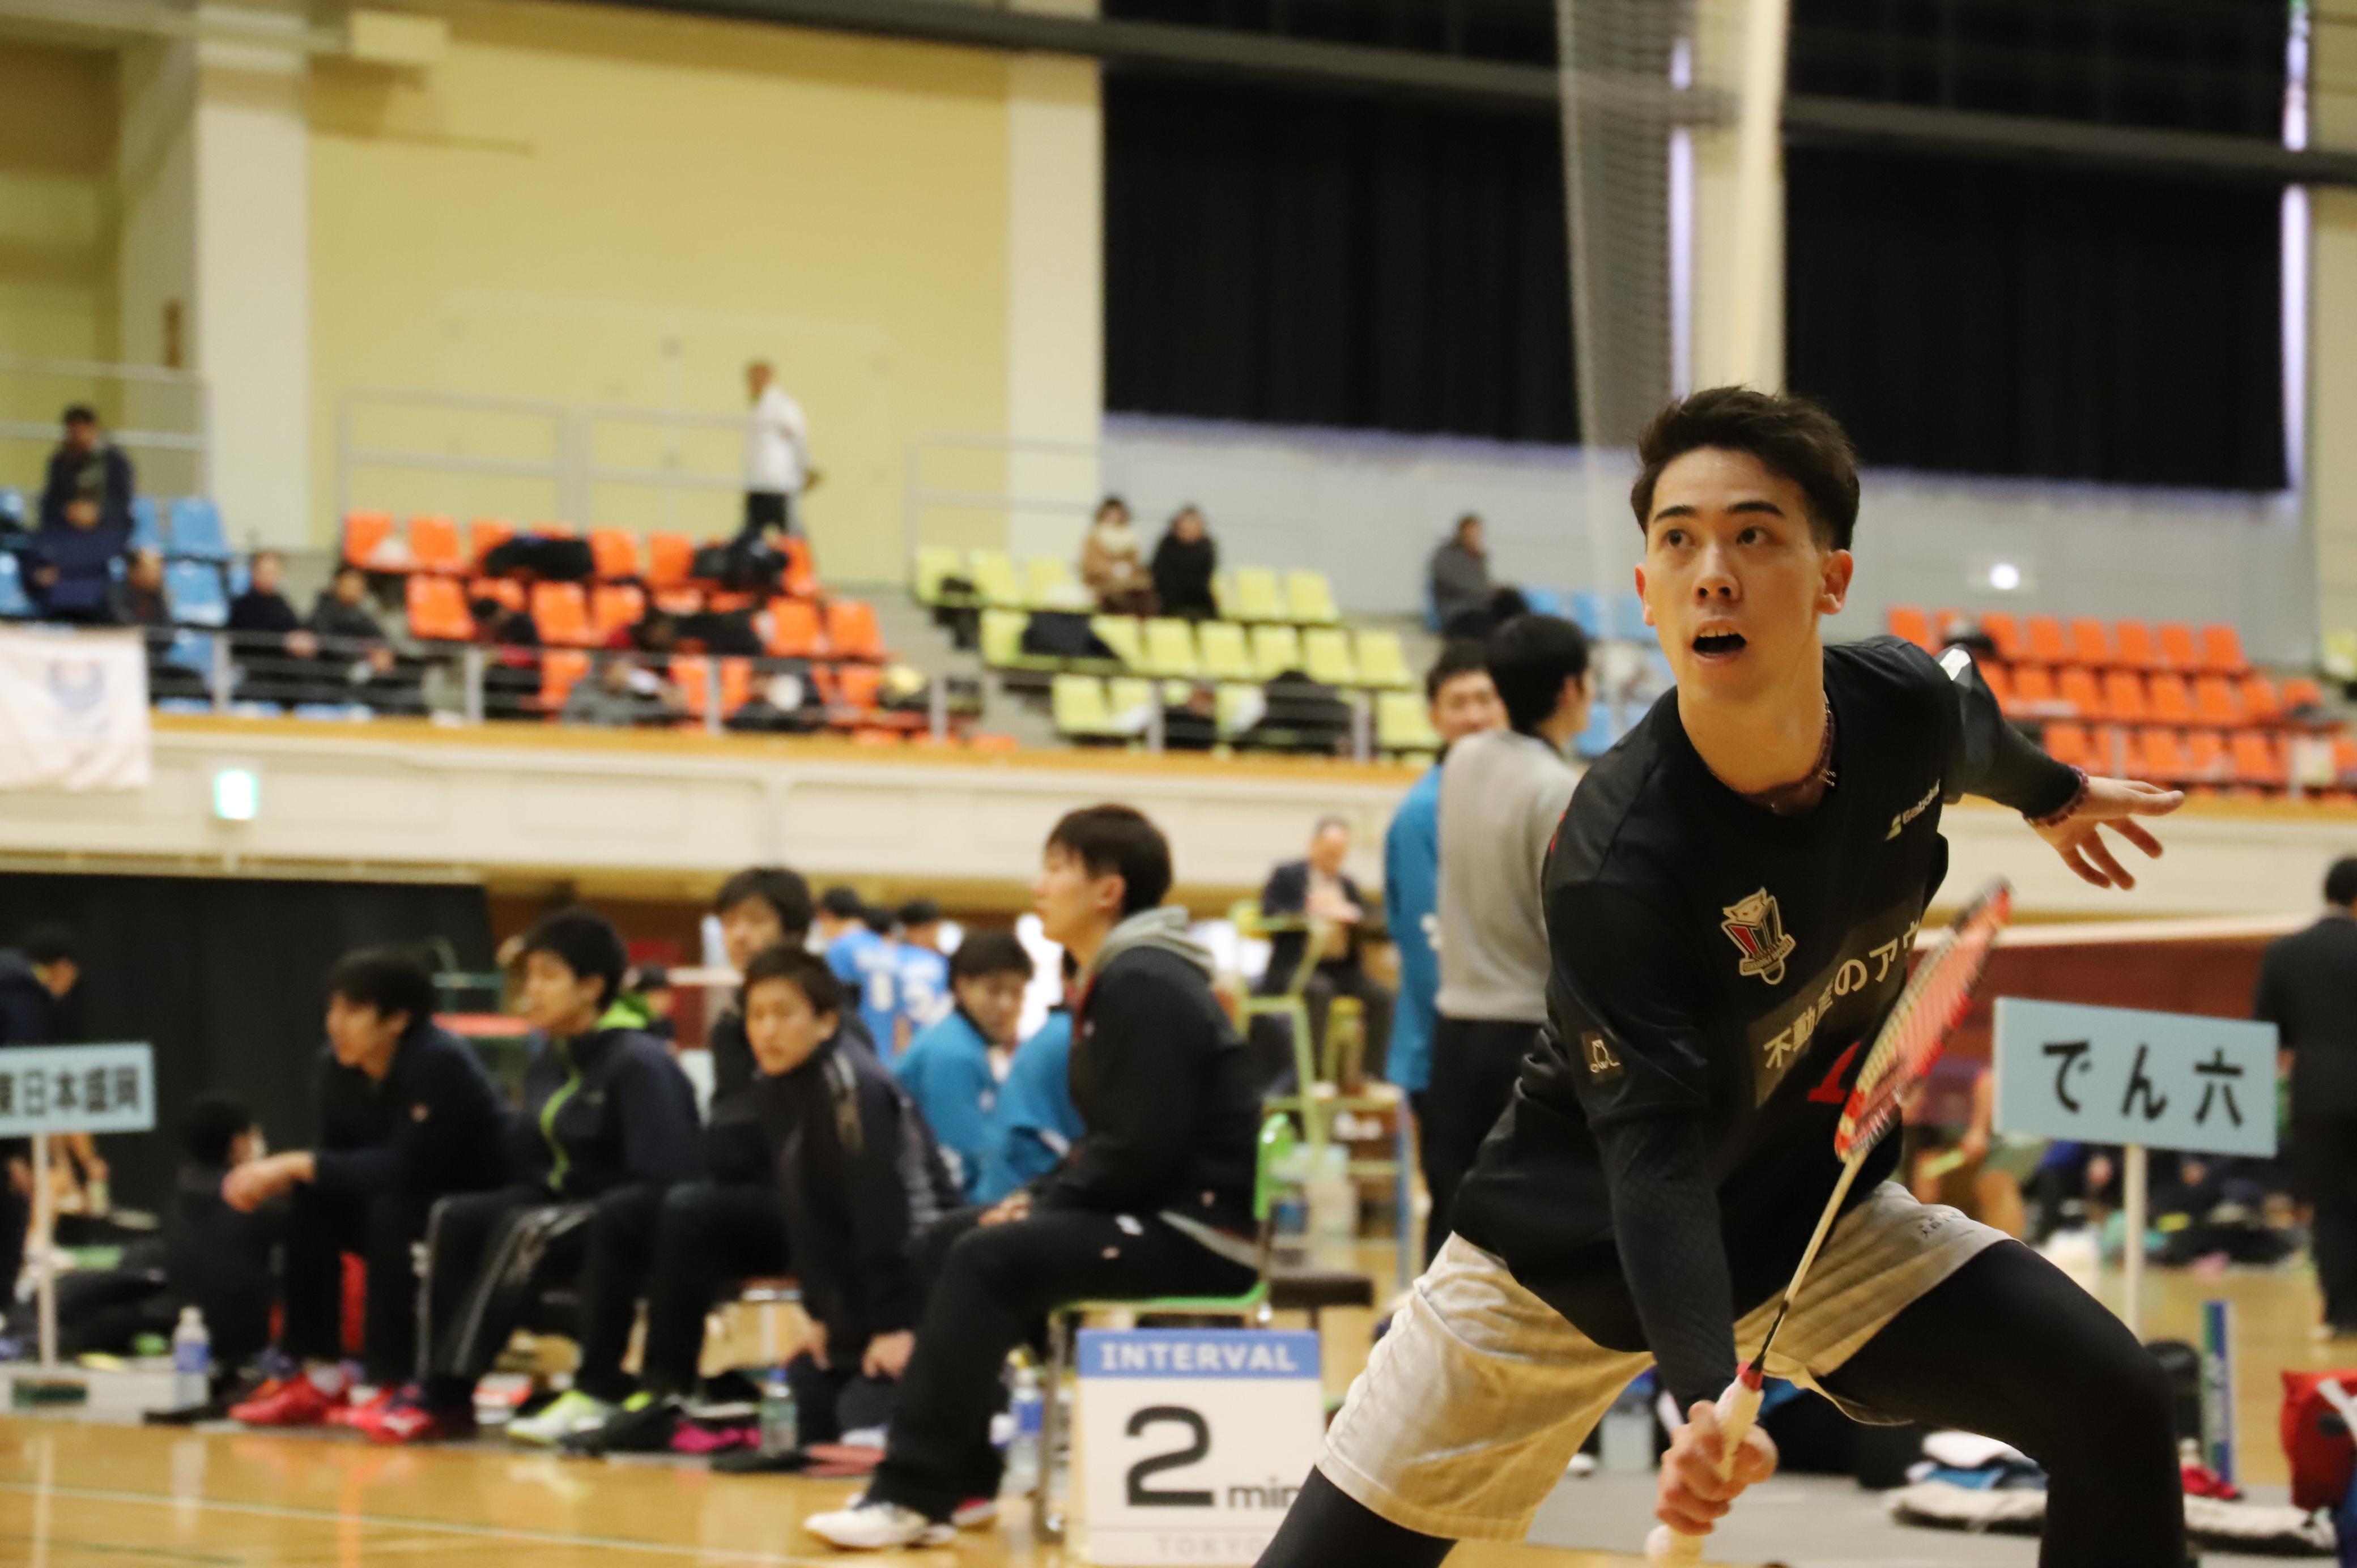 http://chsc.jp/news/up_images/IMG_8645.JPG